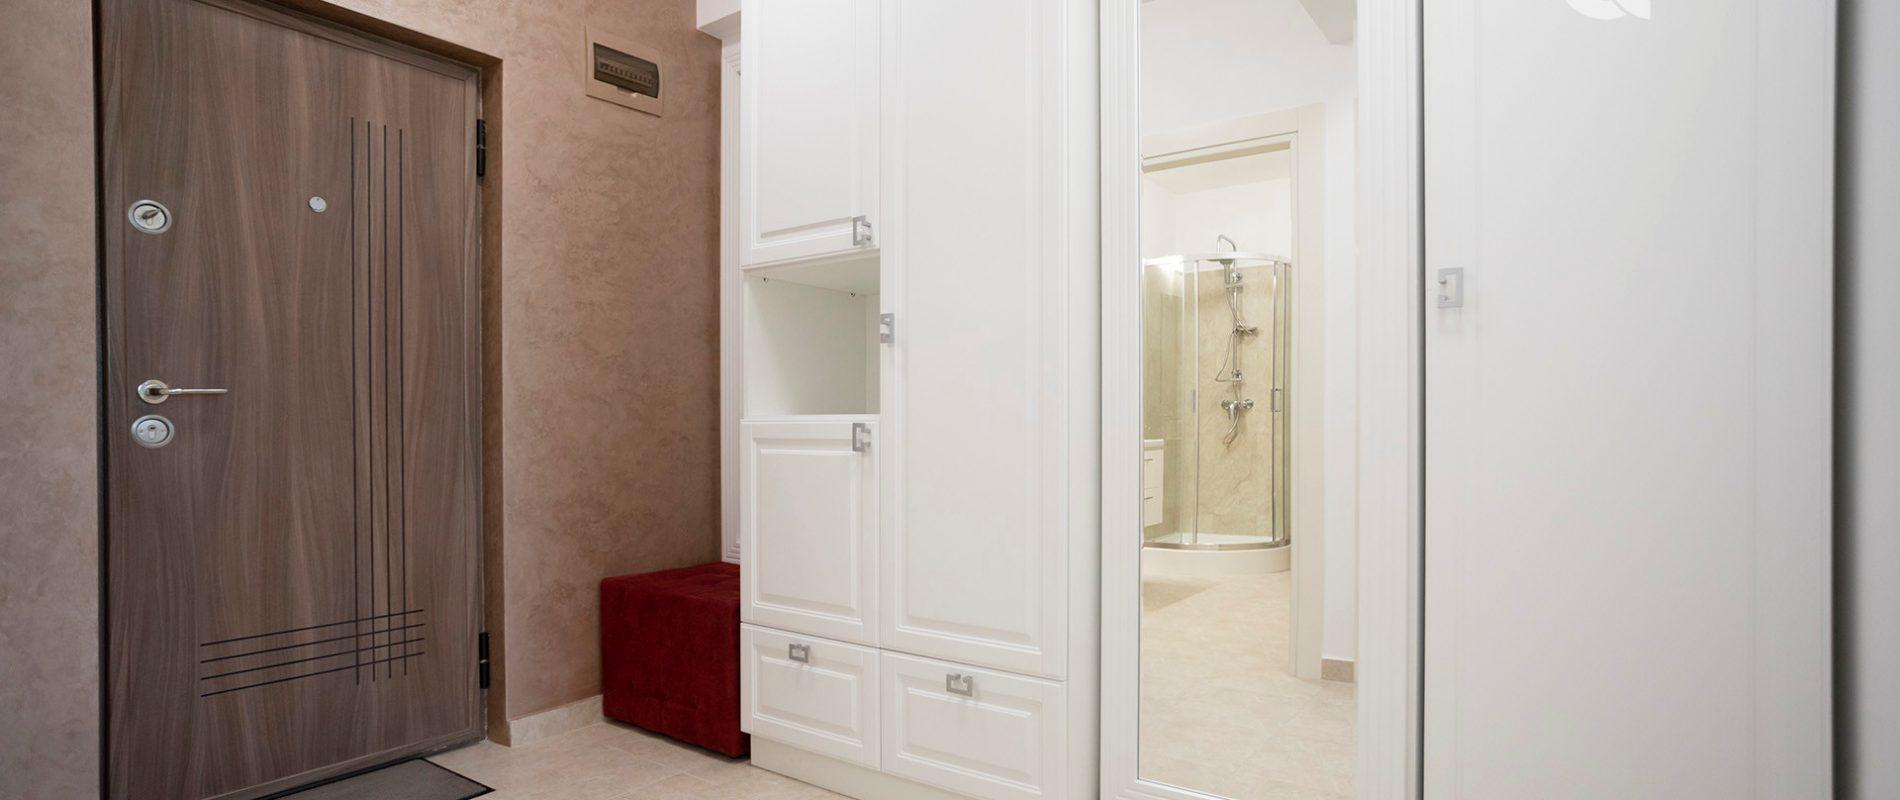 q-residence.ro-apartament-cu-o-camera-mobilier-clasic-hol-09